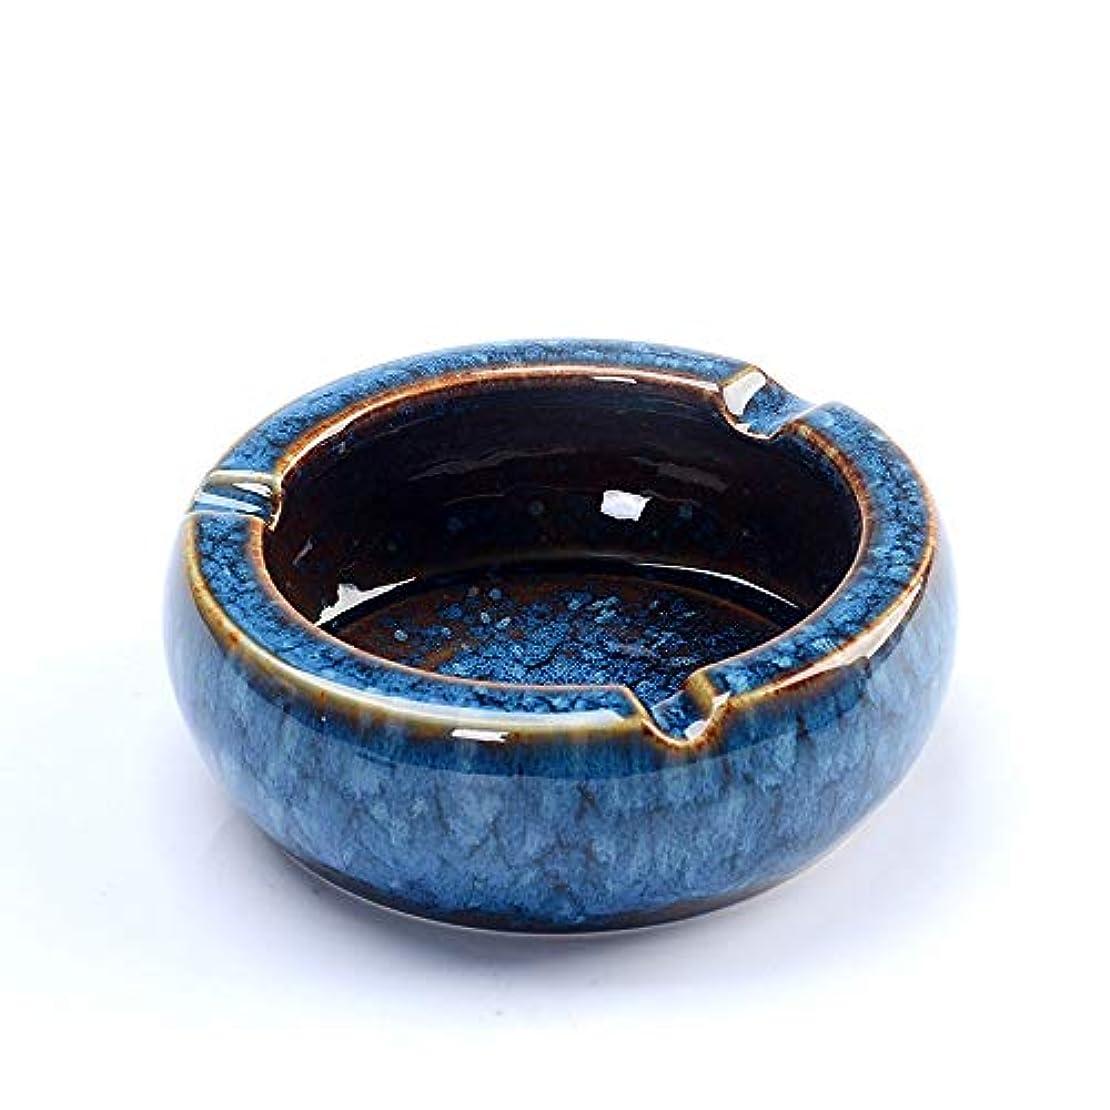 分注するエスカレート防ぐタバコ、ギフトおよび総本店の装飾のための灰皿円形の光沢のあるセラミック灰皿 (色 : 青)